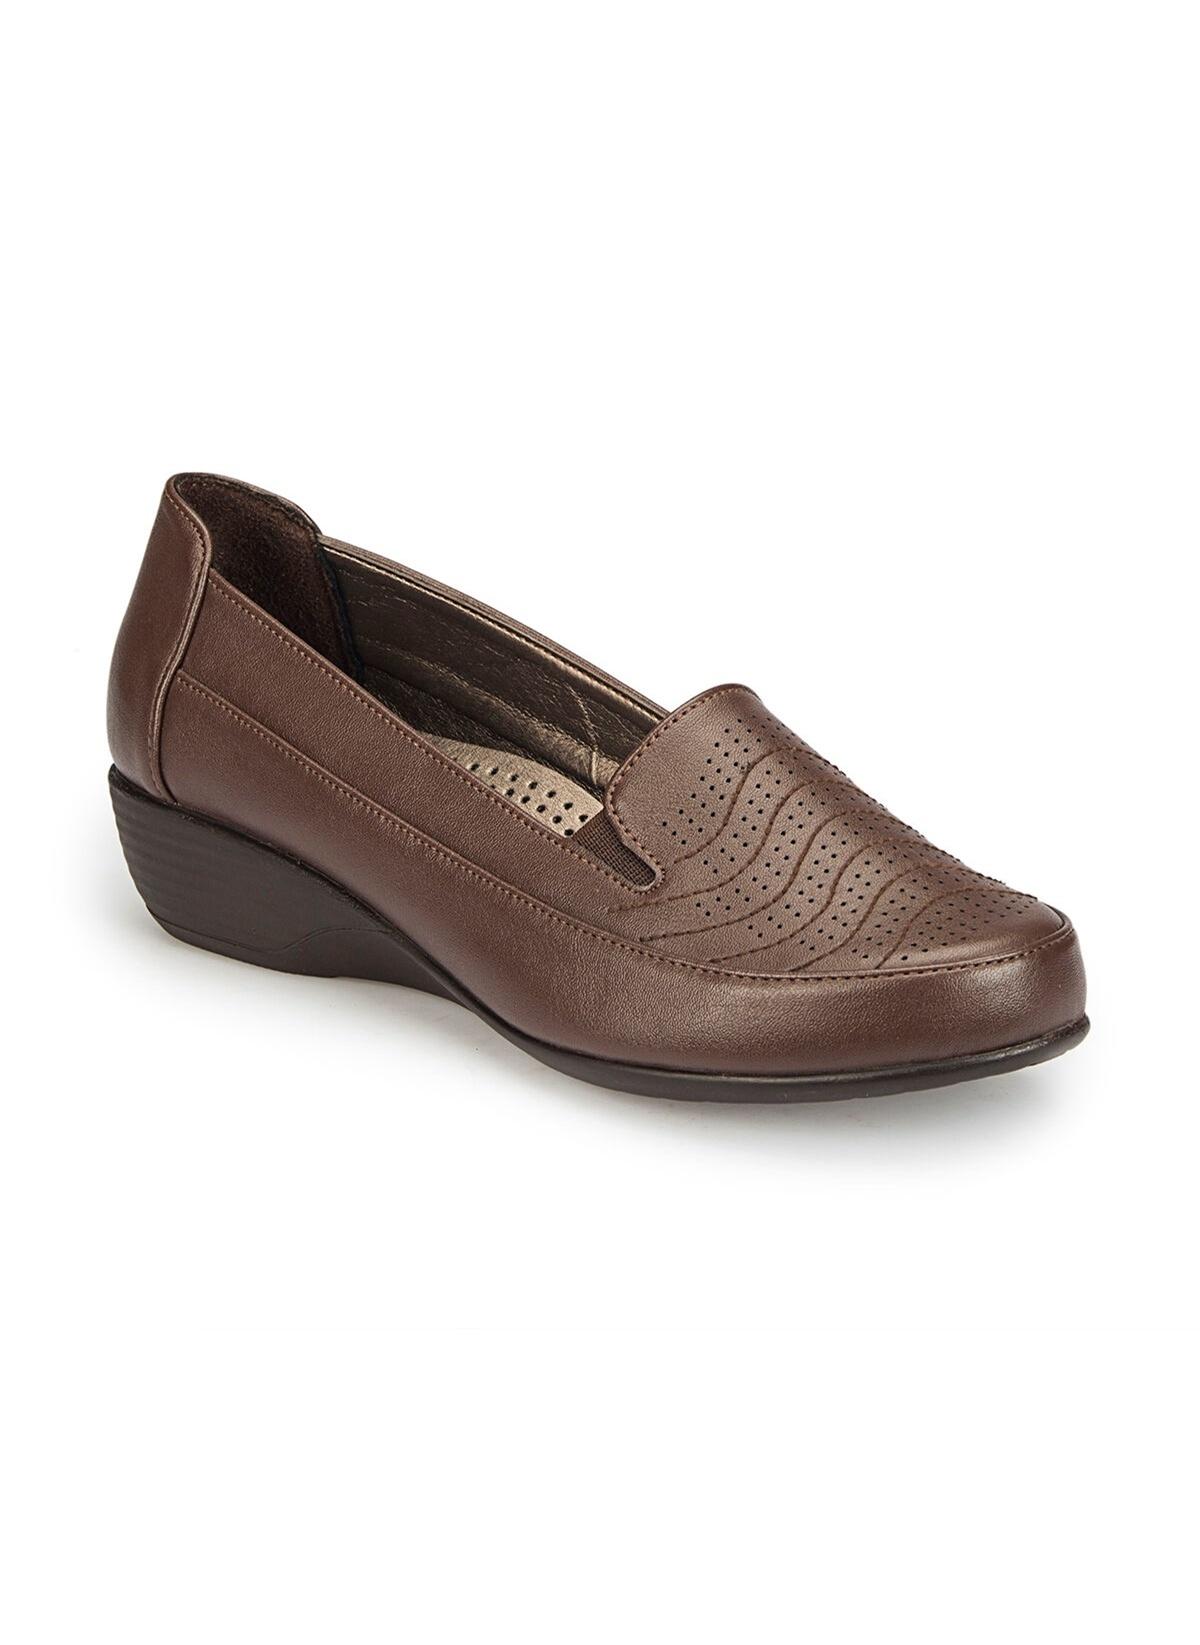 Polaris Ayakkabı 81.158477.z Basic Comfort – 59.99 TL